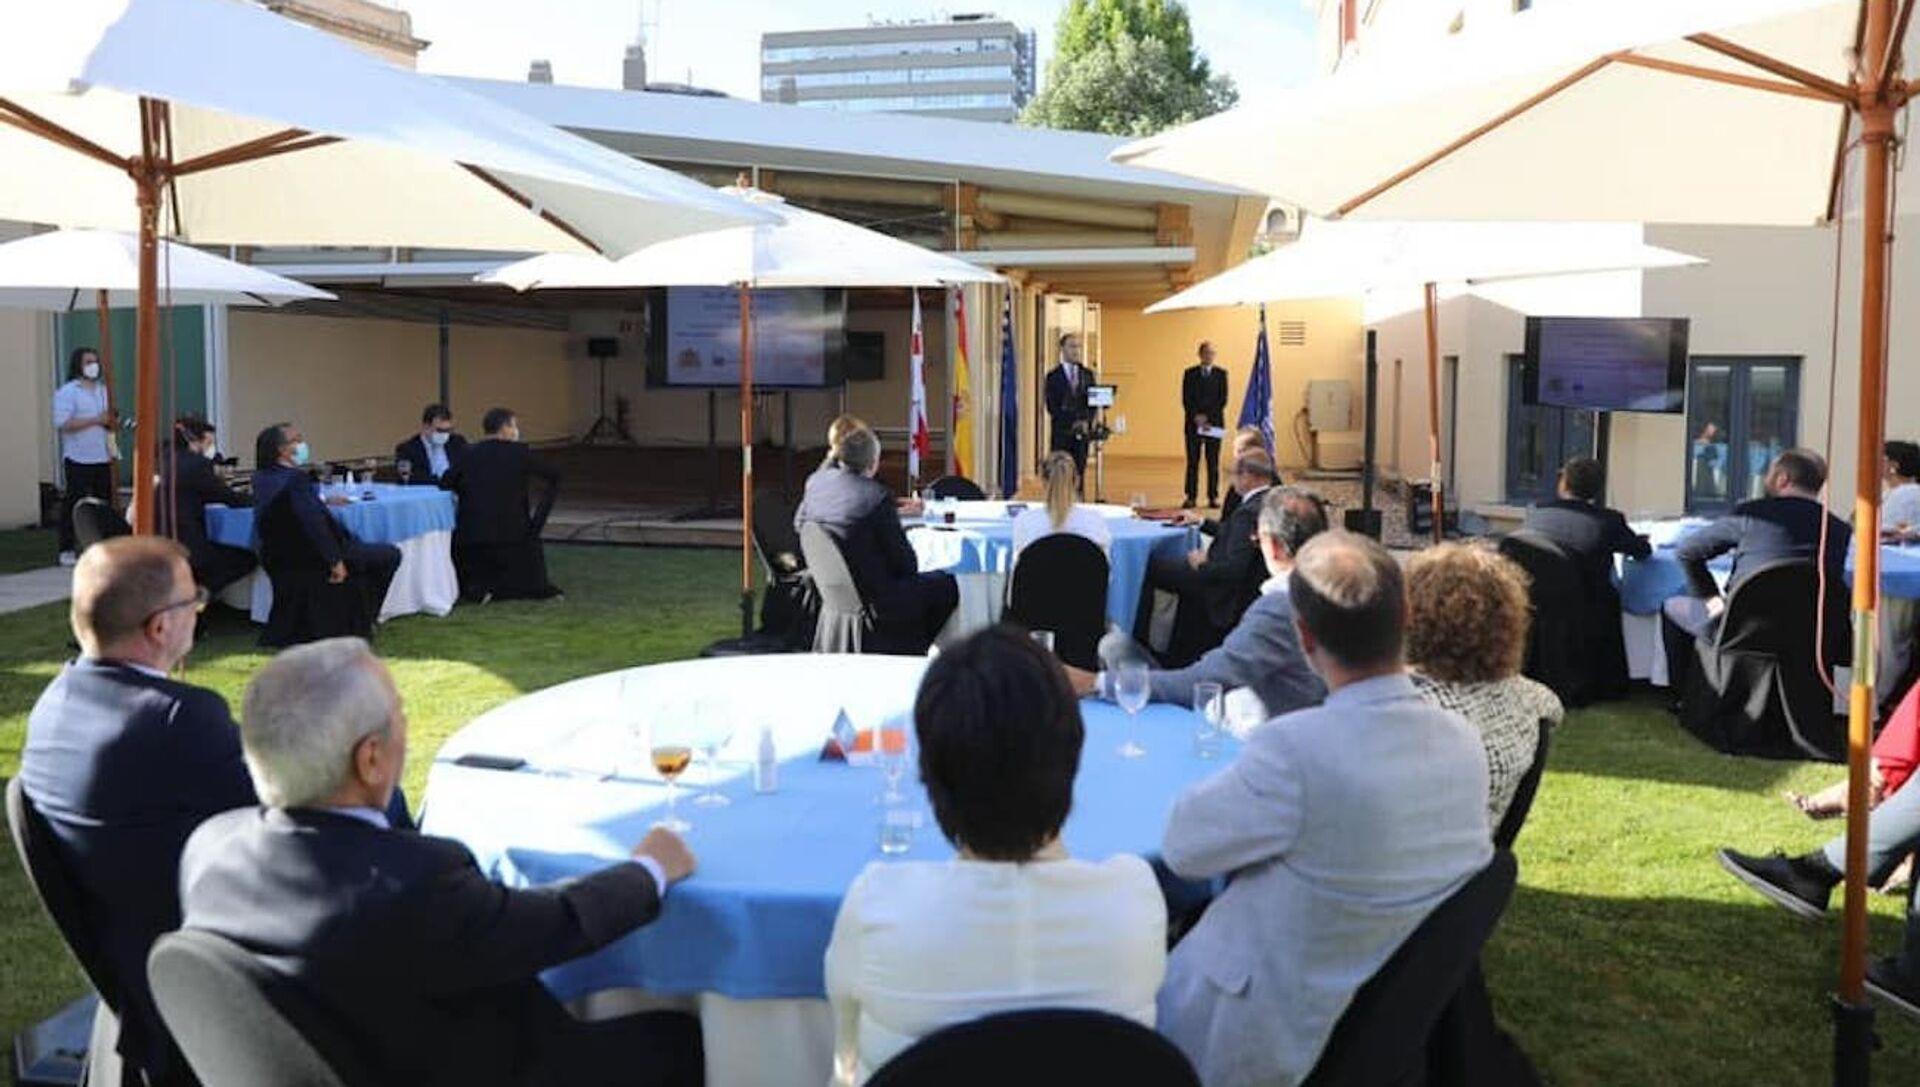 В Испании состоялась презентация грузинских вин - Sputnik Грузия, 1920, 20.05.2021